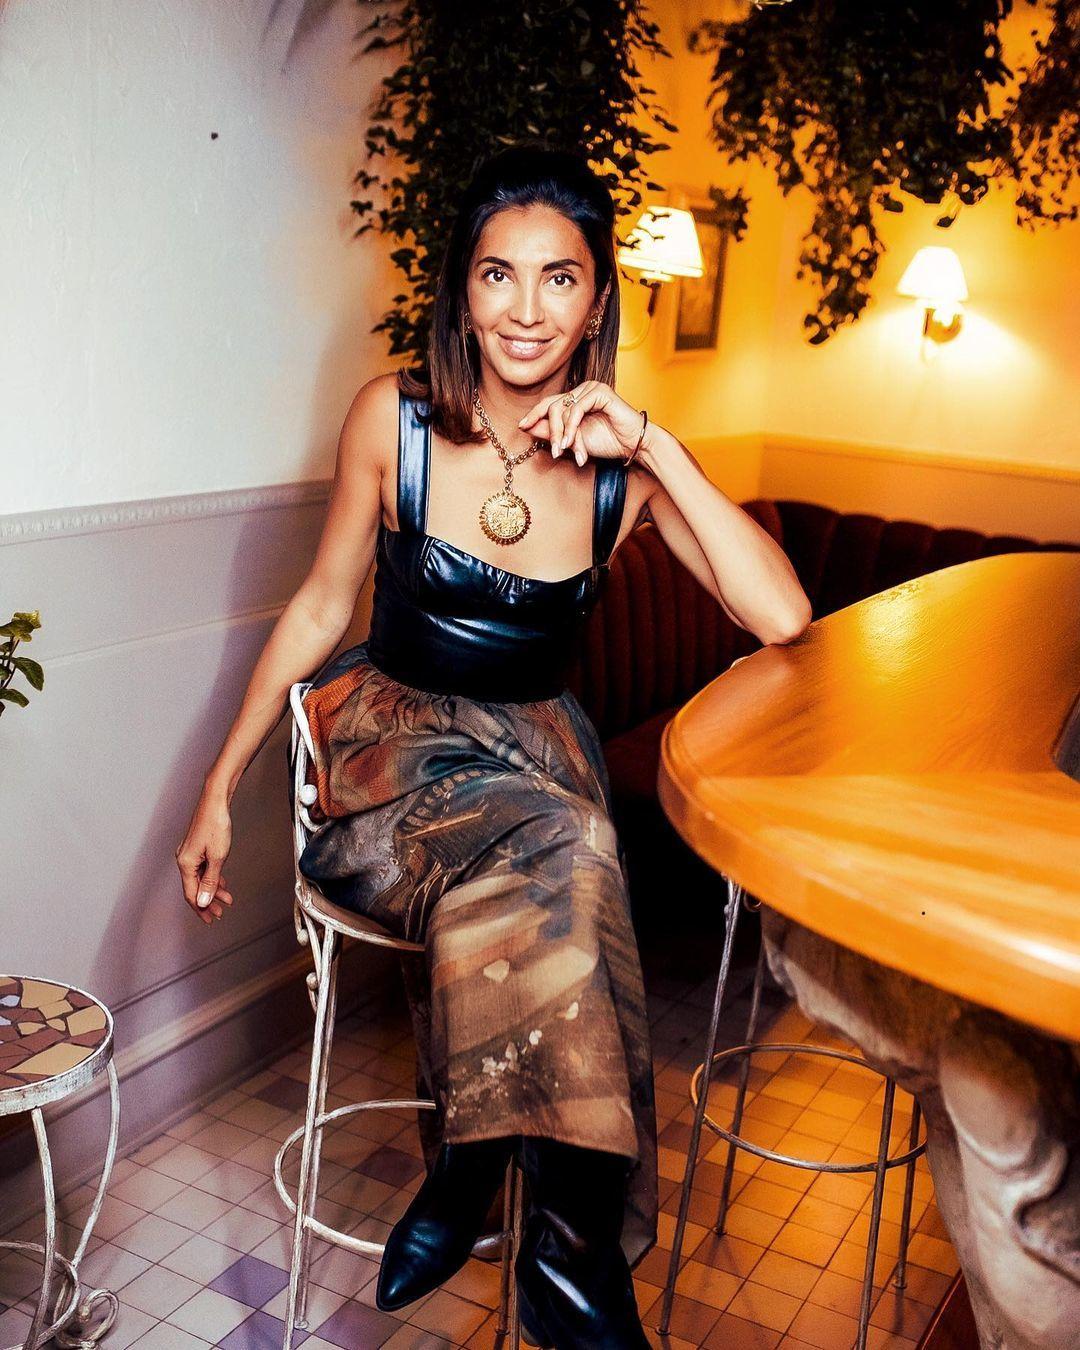 Кулон на цепи Chanel в геральдическом стиле 1980-е